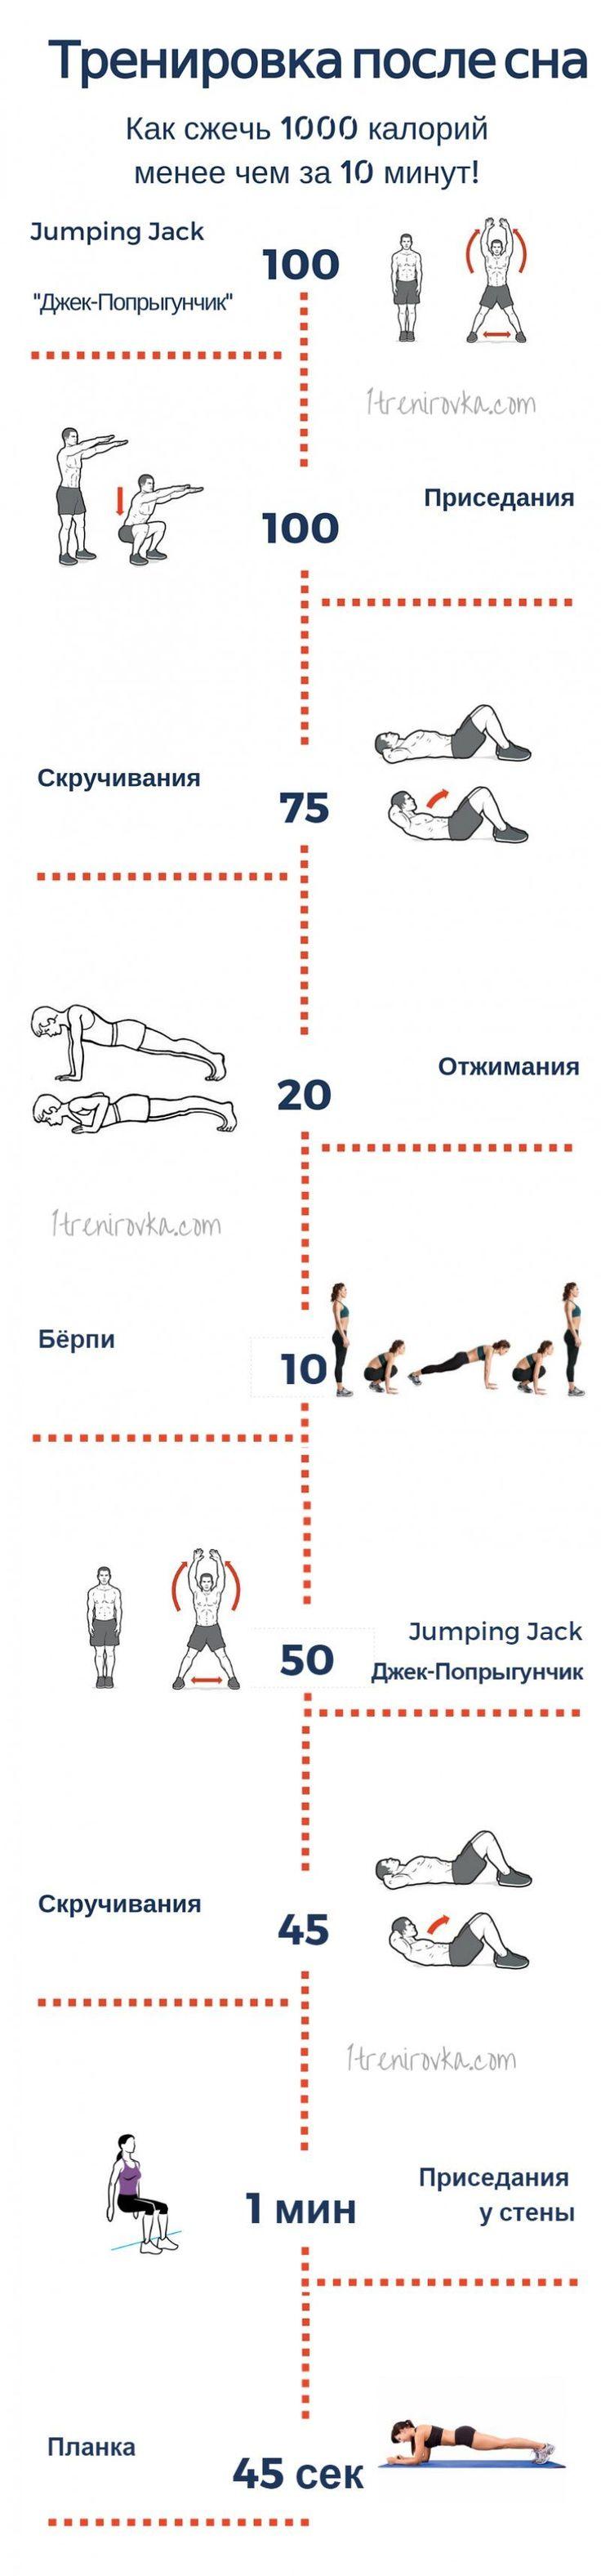 """Комплекс упражнений в картинках - инфографика, который позволит сжечь 1000 калорий за максимально короткое время. Убедитесь в этом сами! Продукция для укрепления и поддержания здоровья. Программы оздоровления. Биологически активные добавки. #БАД #NSP #Wellness <a href=""""http://www.natr-nn.ru/"""">Все для вашего здоровья и красоты</a>"""